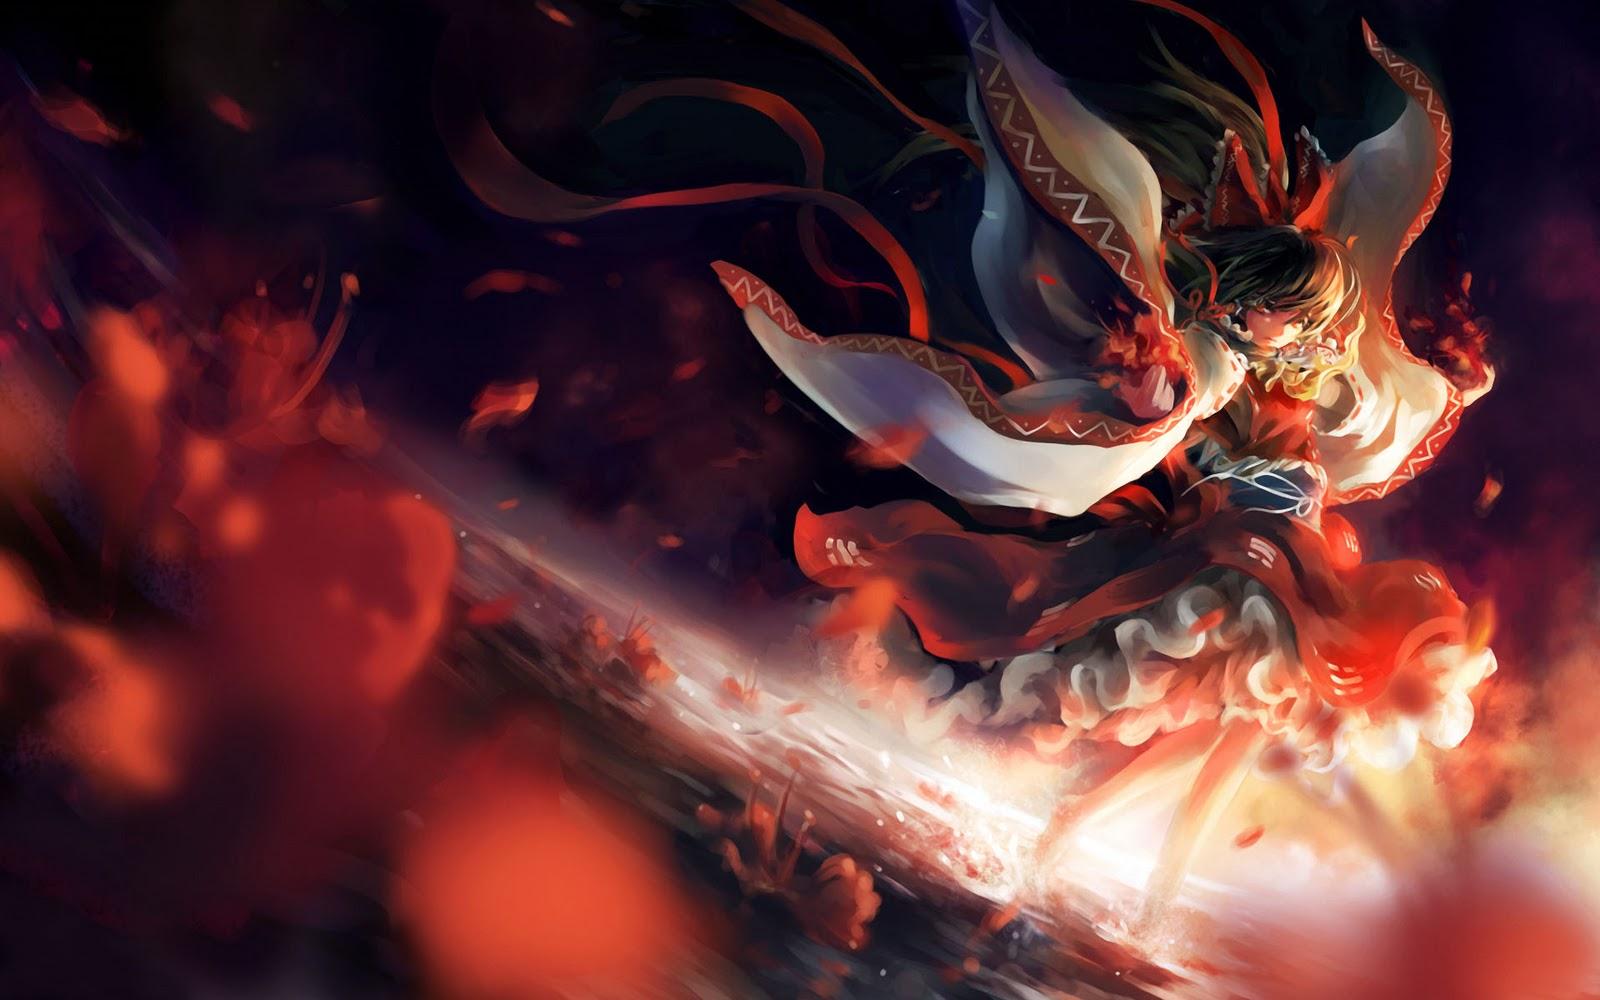 FONDOS DE ESCRITORIO DE ANIME Www.fondosyfonditos.com.ar-anime-minea-wallaspaper12+(90)